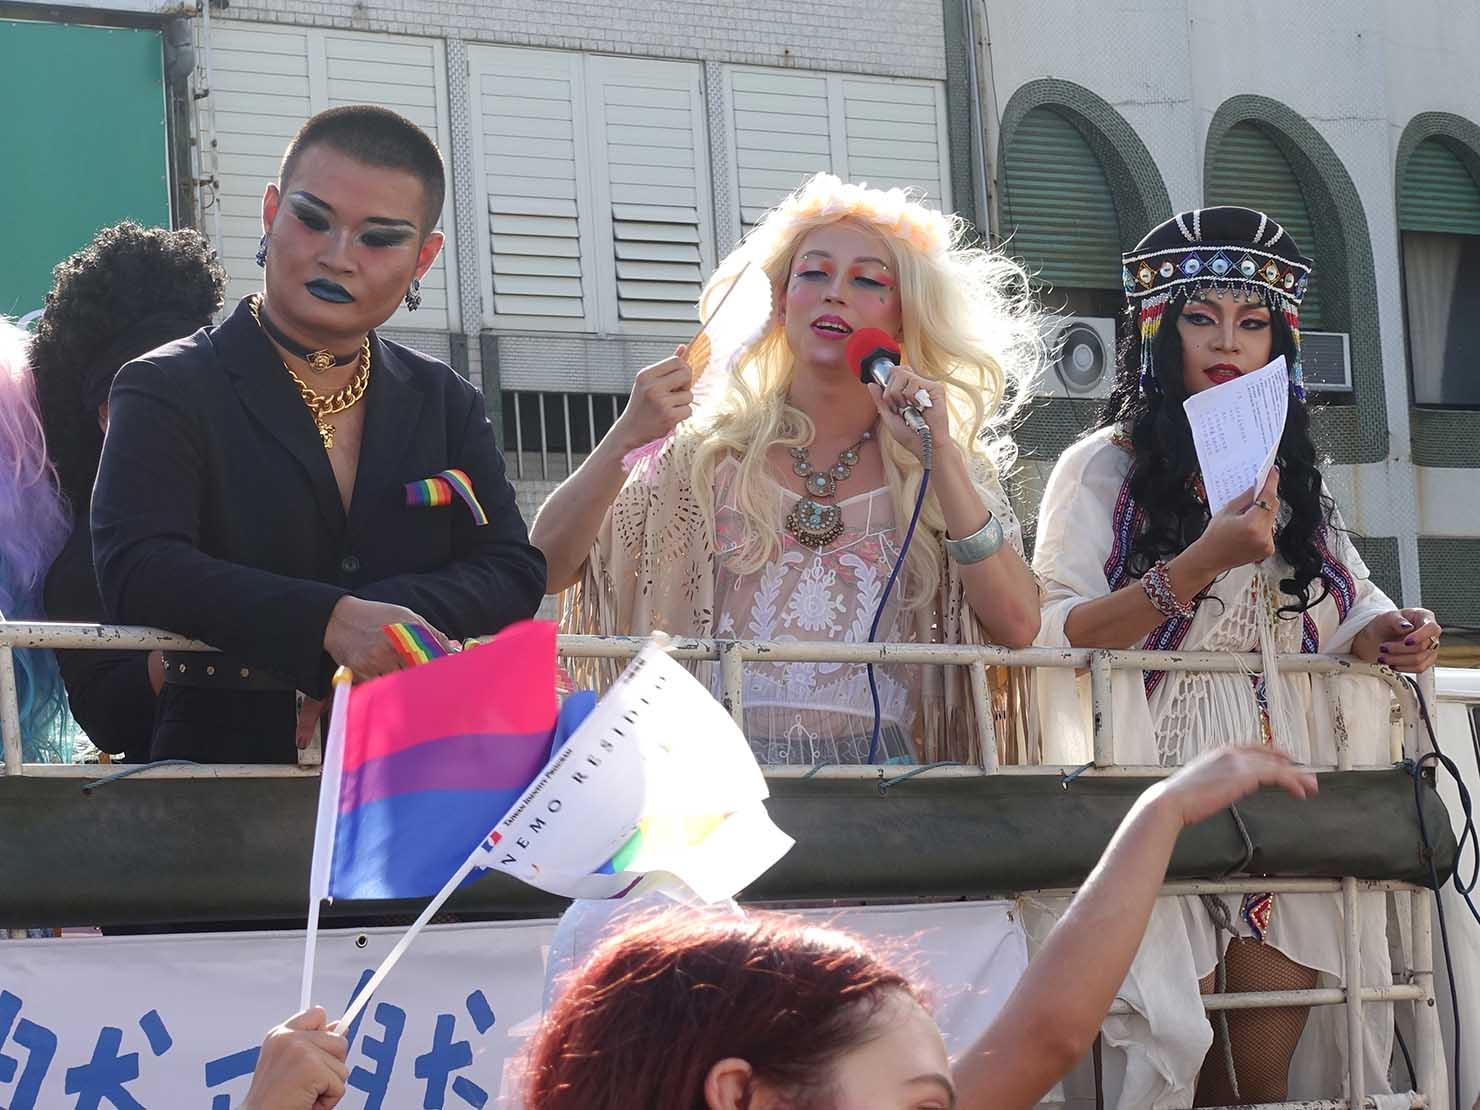 花東彩虹嘉年華(台湾東部LGBTプライド / 台東場)のパレードカーに乗るドラァグクイーンたち